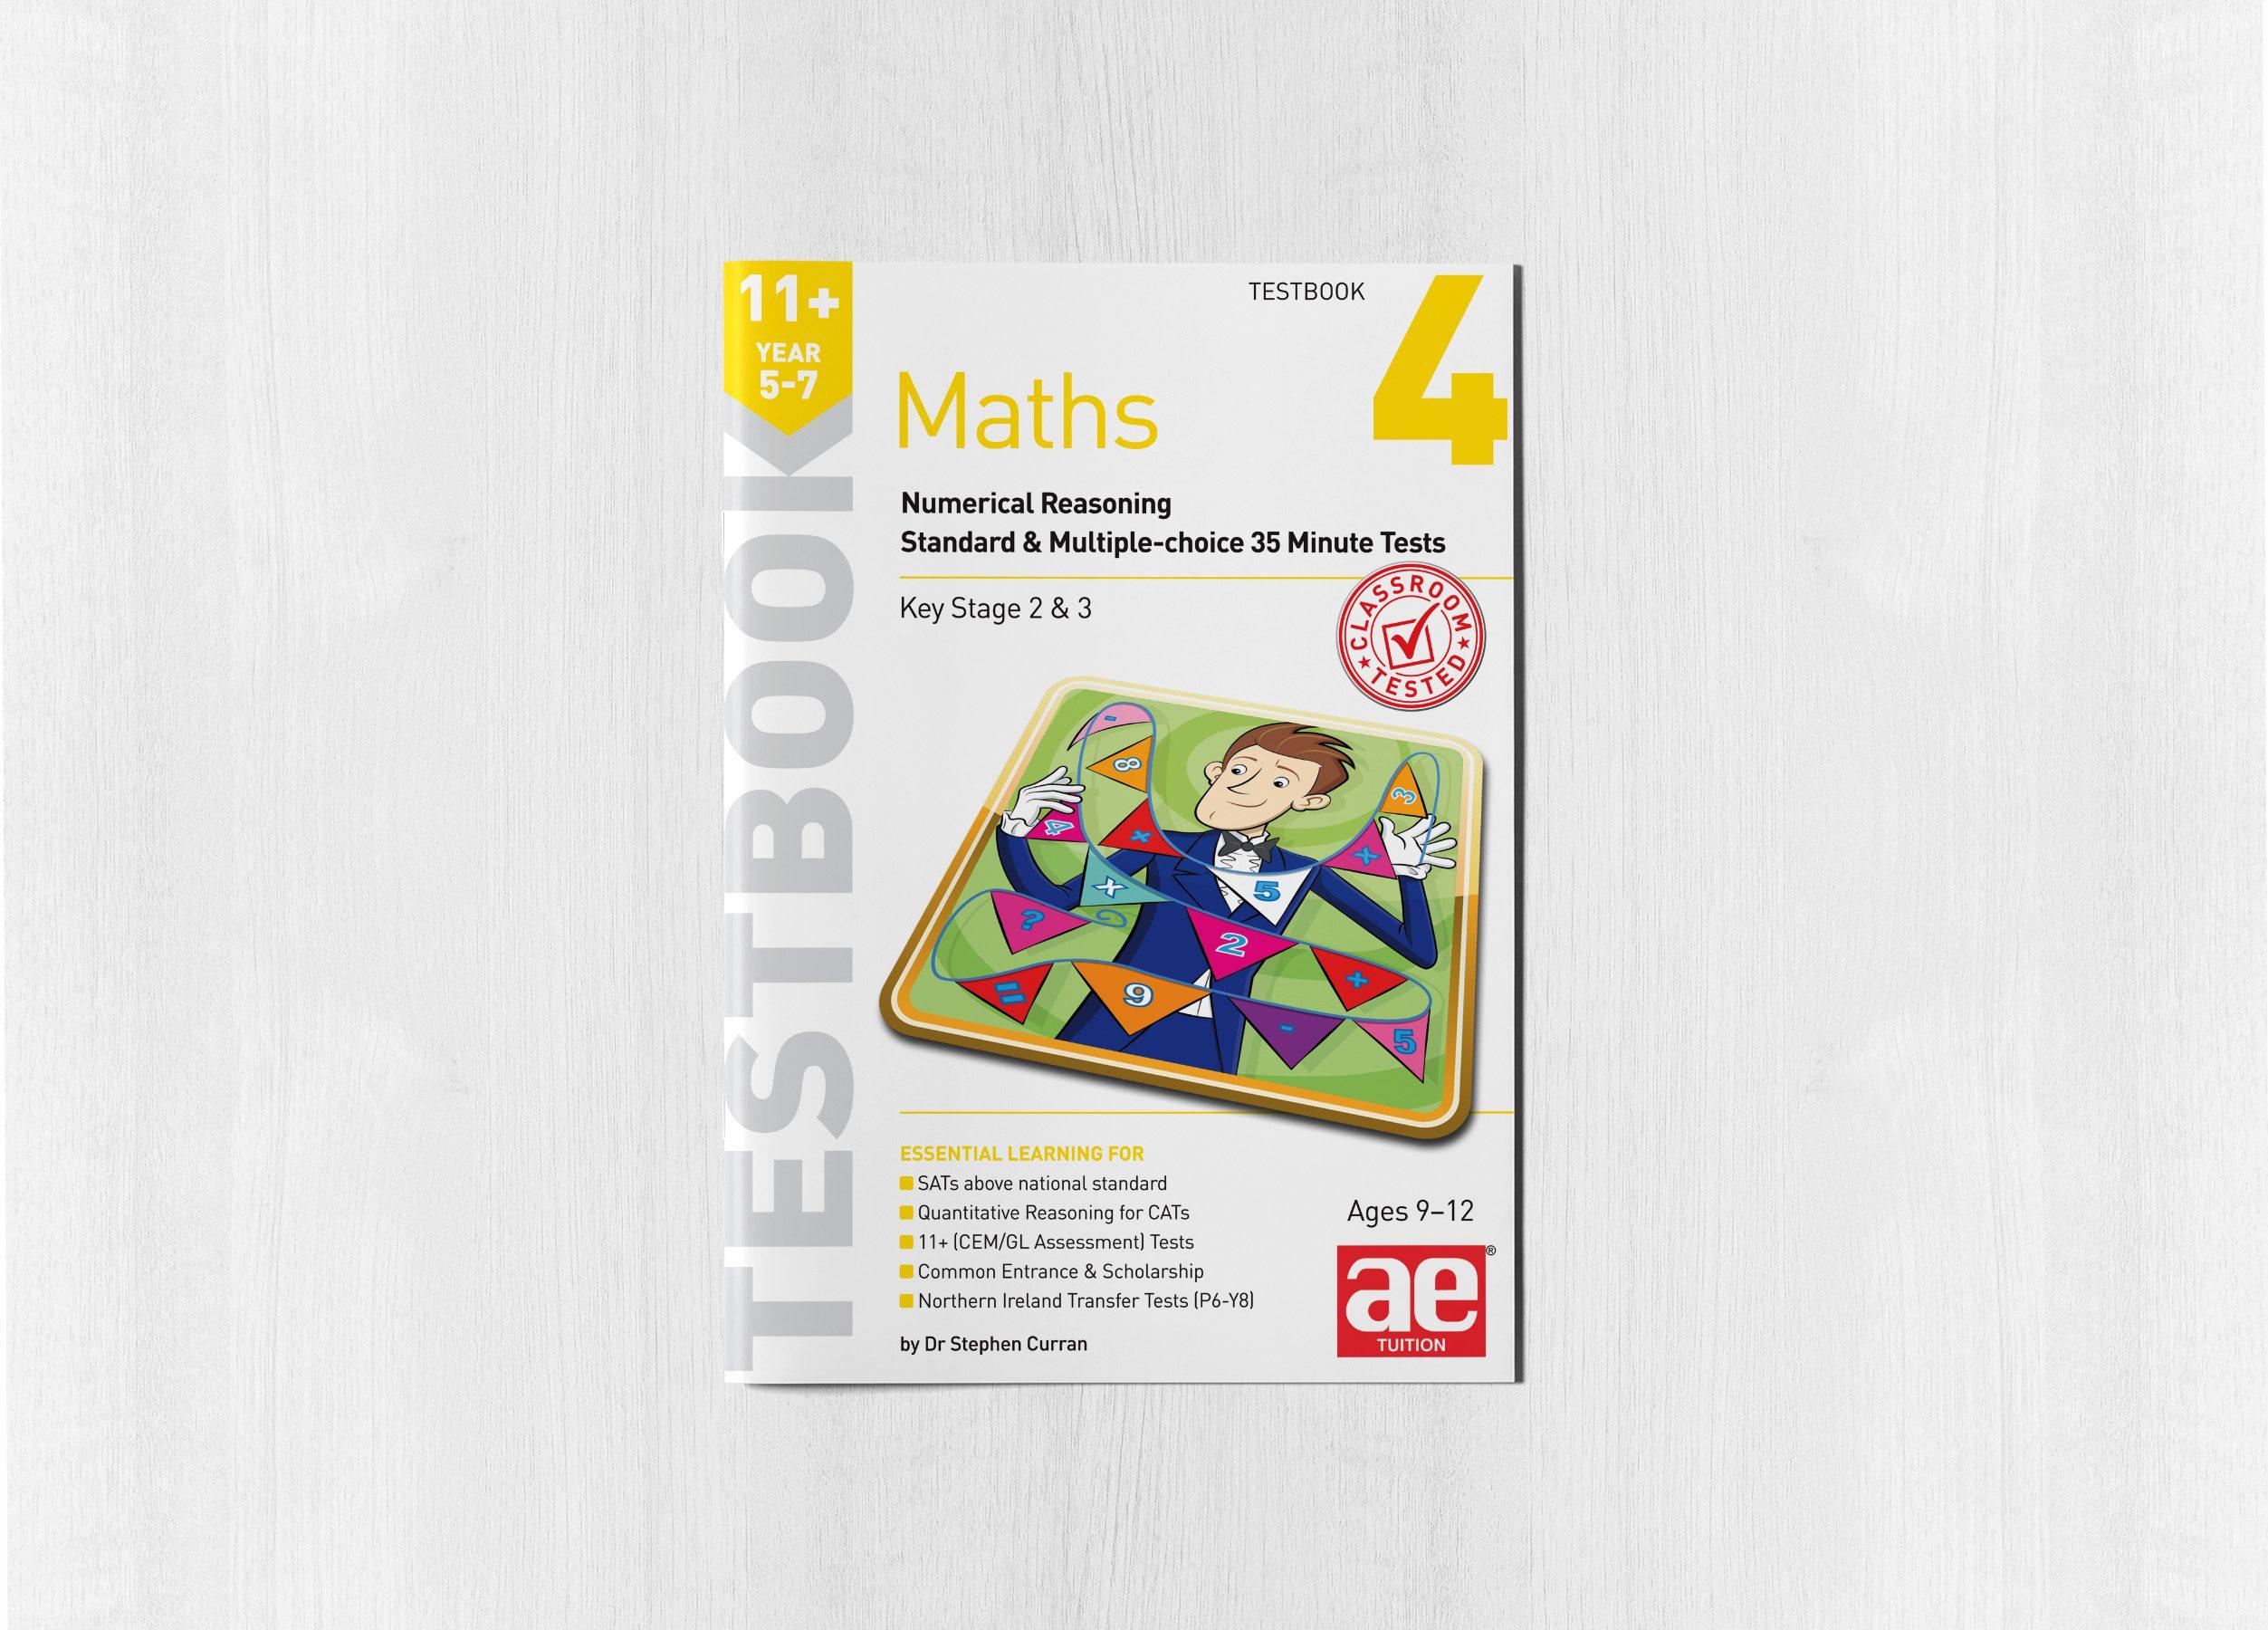 Maths Year 5-7 Testbook 4